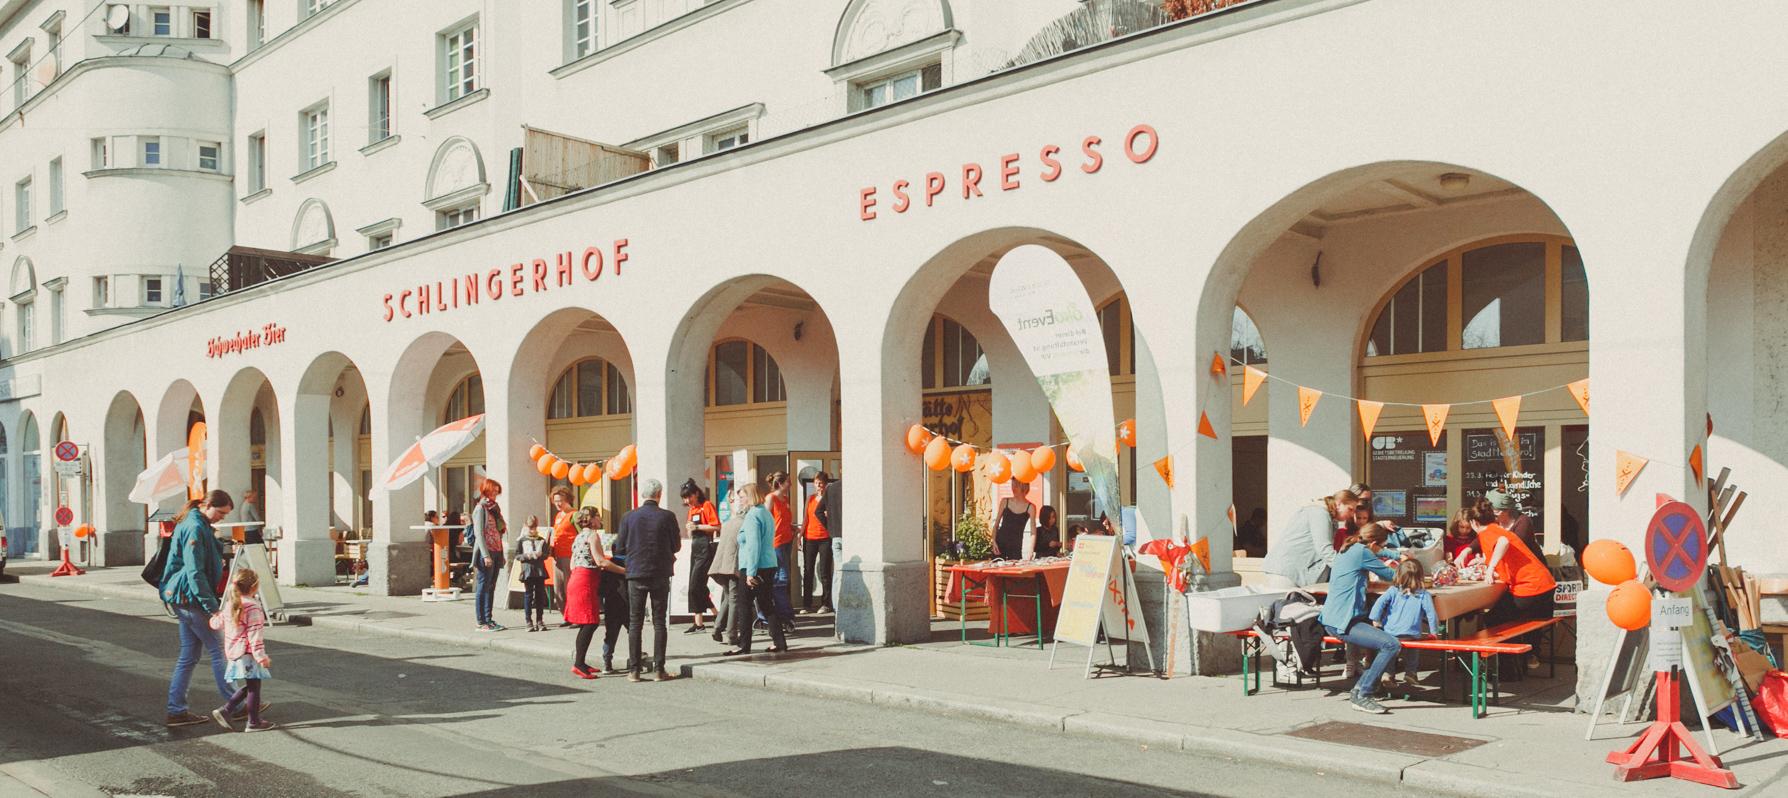 Gebietsbetreuung am Schlingermarkt. Bild: GB*.